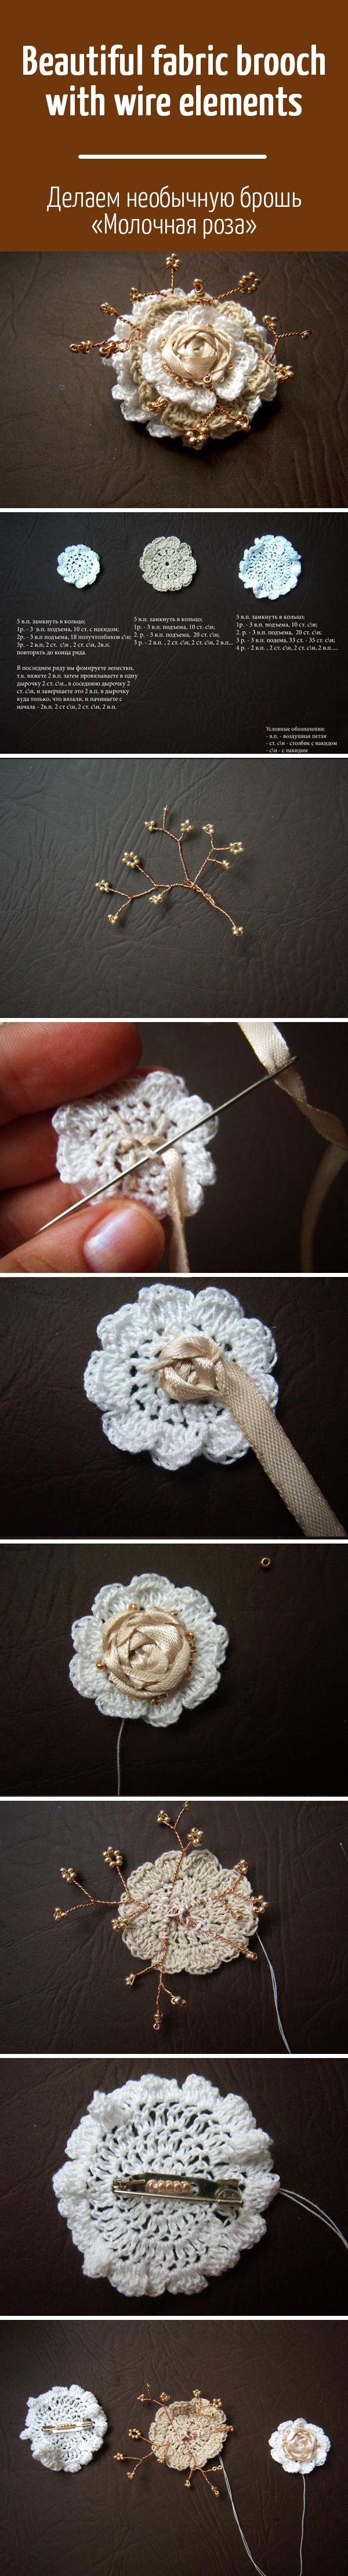 """Делаем необычную брошь """"Молочная роза"""": вяжем, вышиваем, плетём / Beautiful fabric brooch with wire elements: tutorial"""